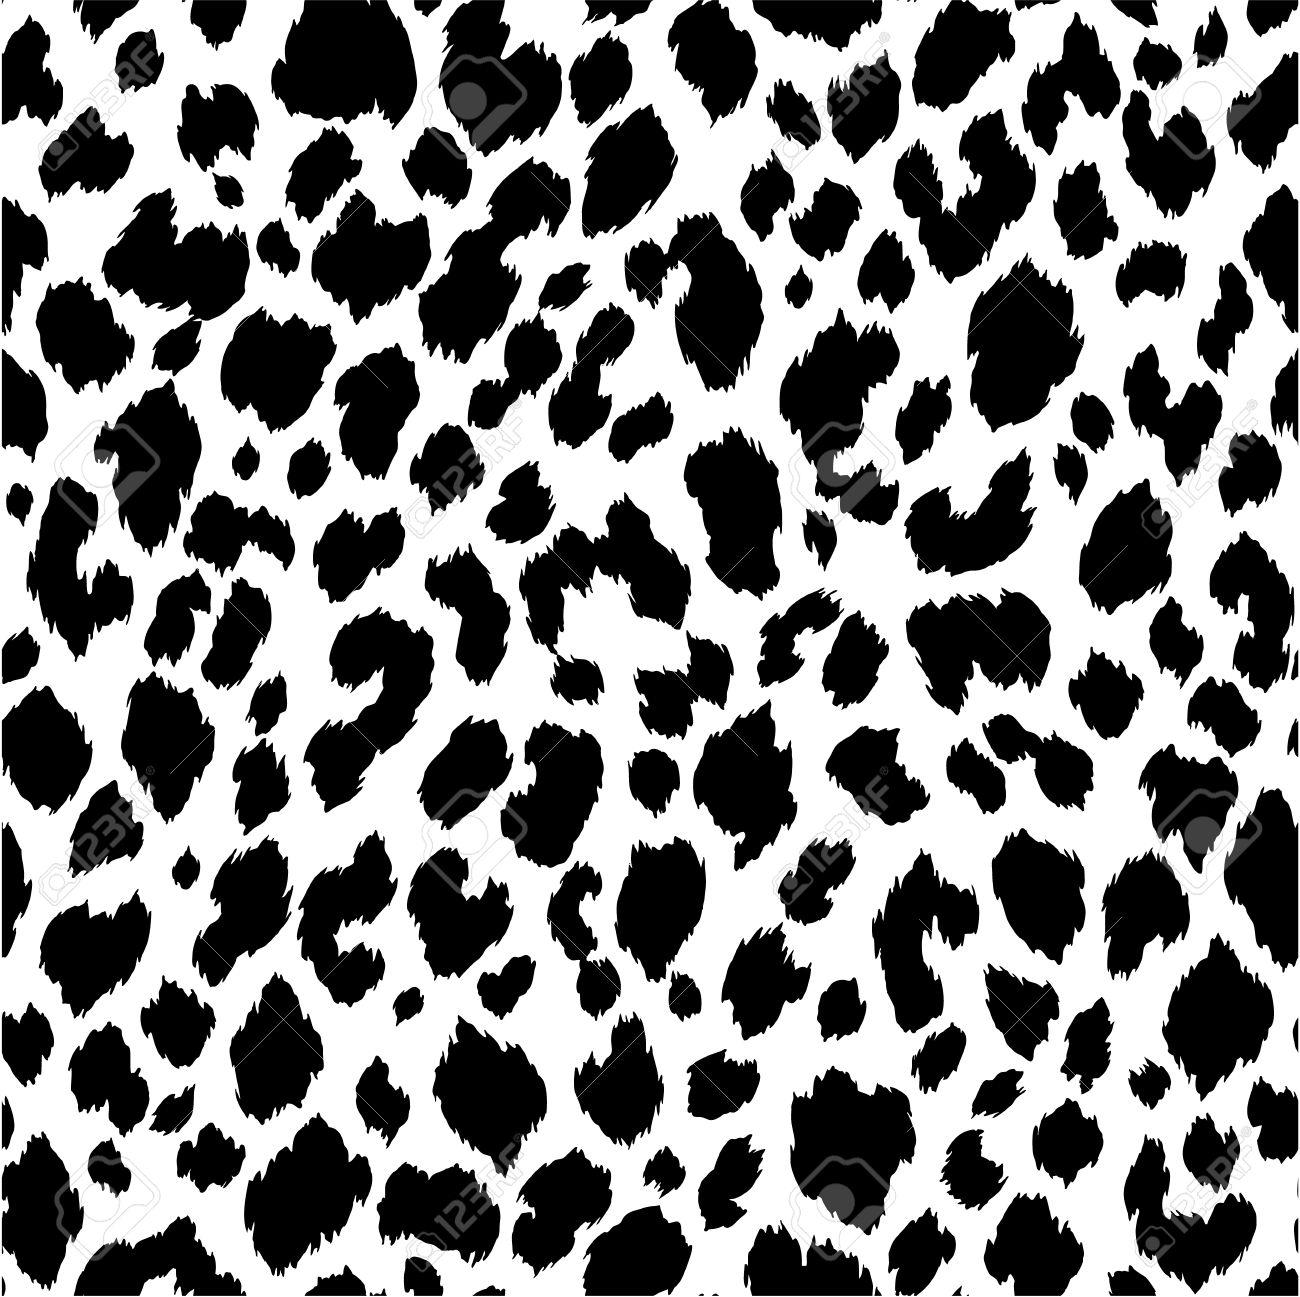 panther pattern - 26929974